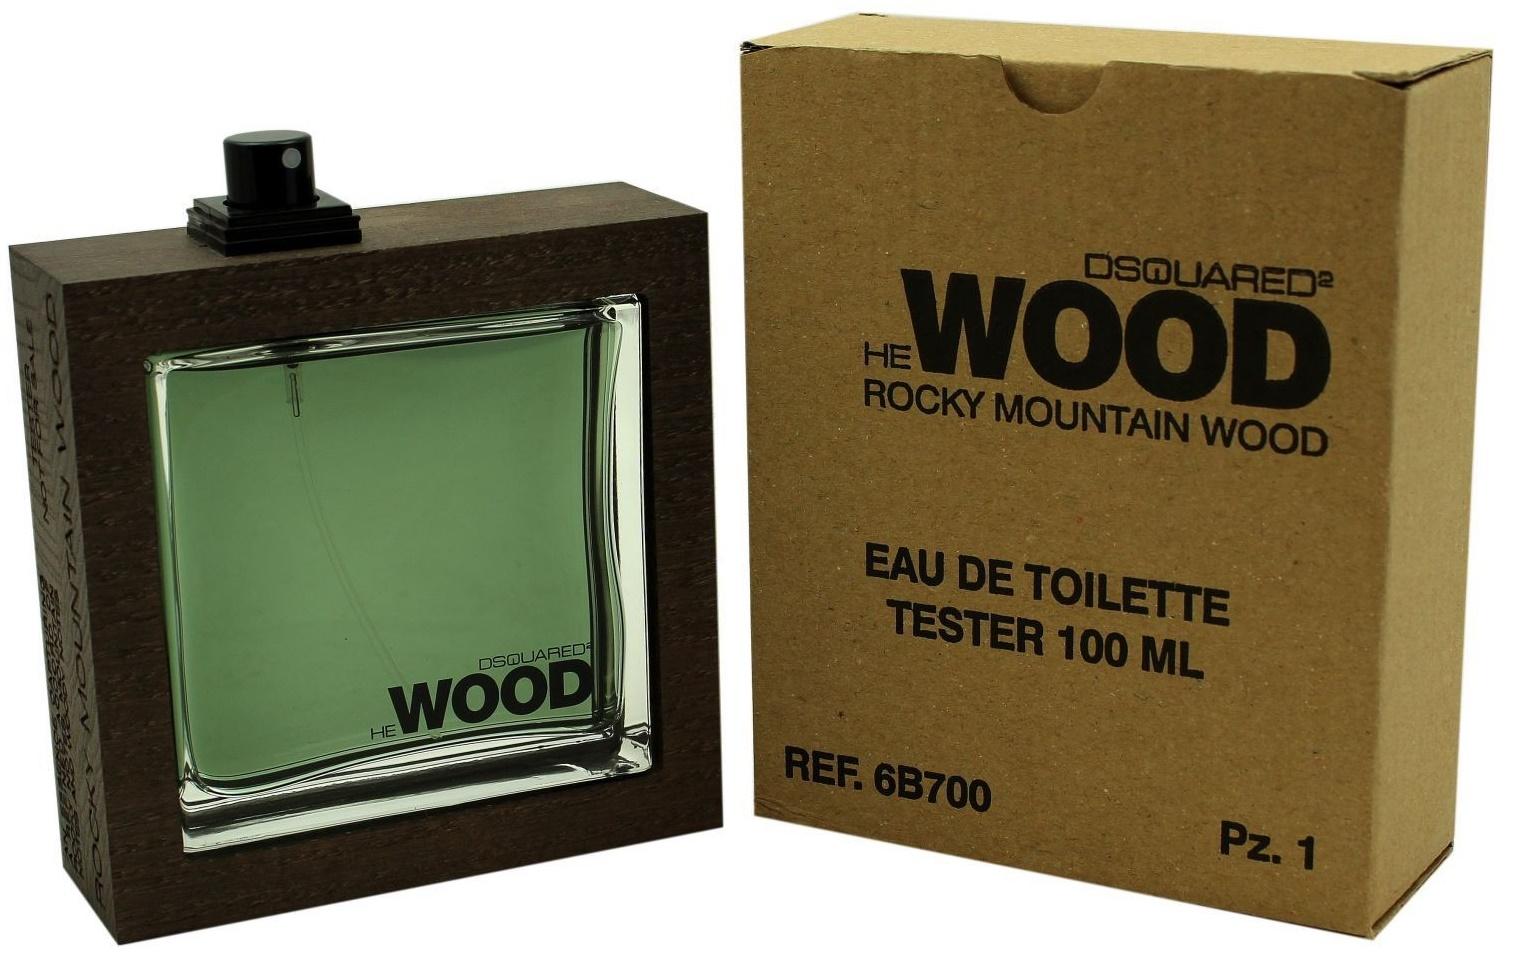 Dsquared2 He Wood Rocky Mountain Wood, Toaletní voda - Tester, 100ml, Pánska vôňa